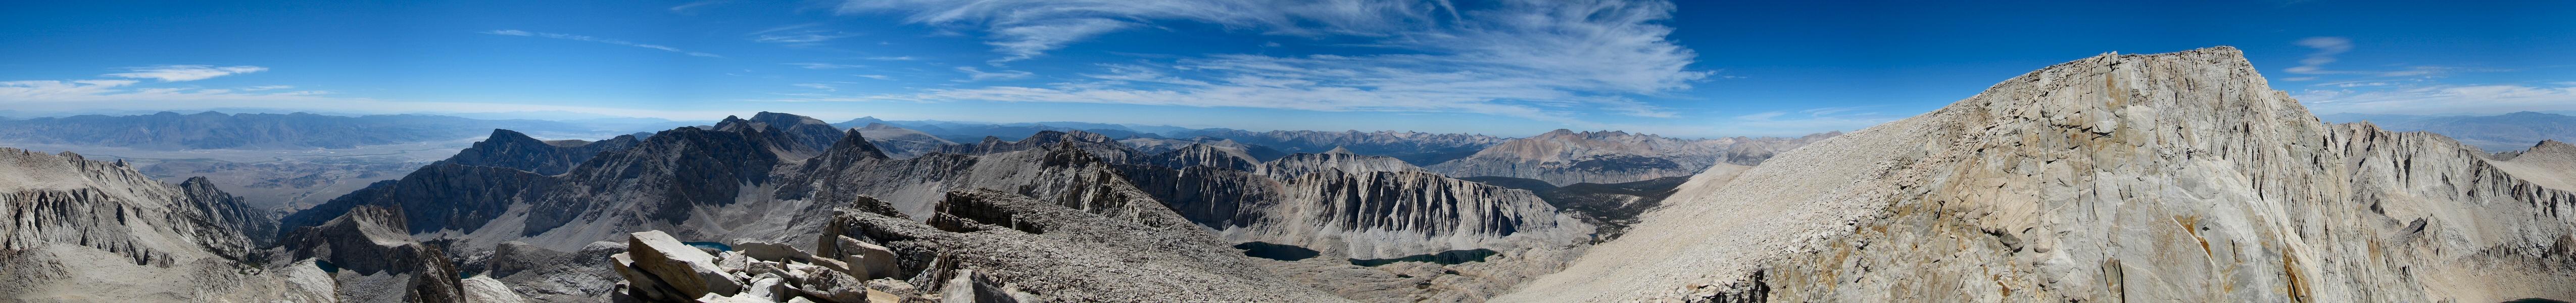 Crooks Peak